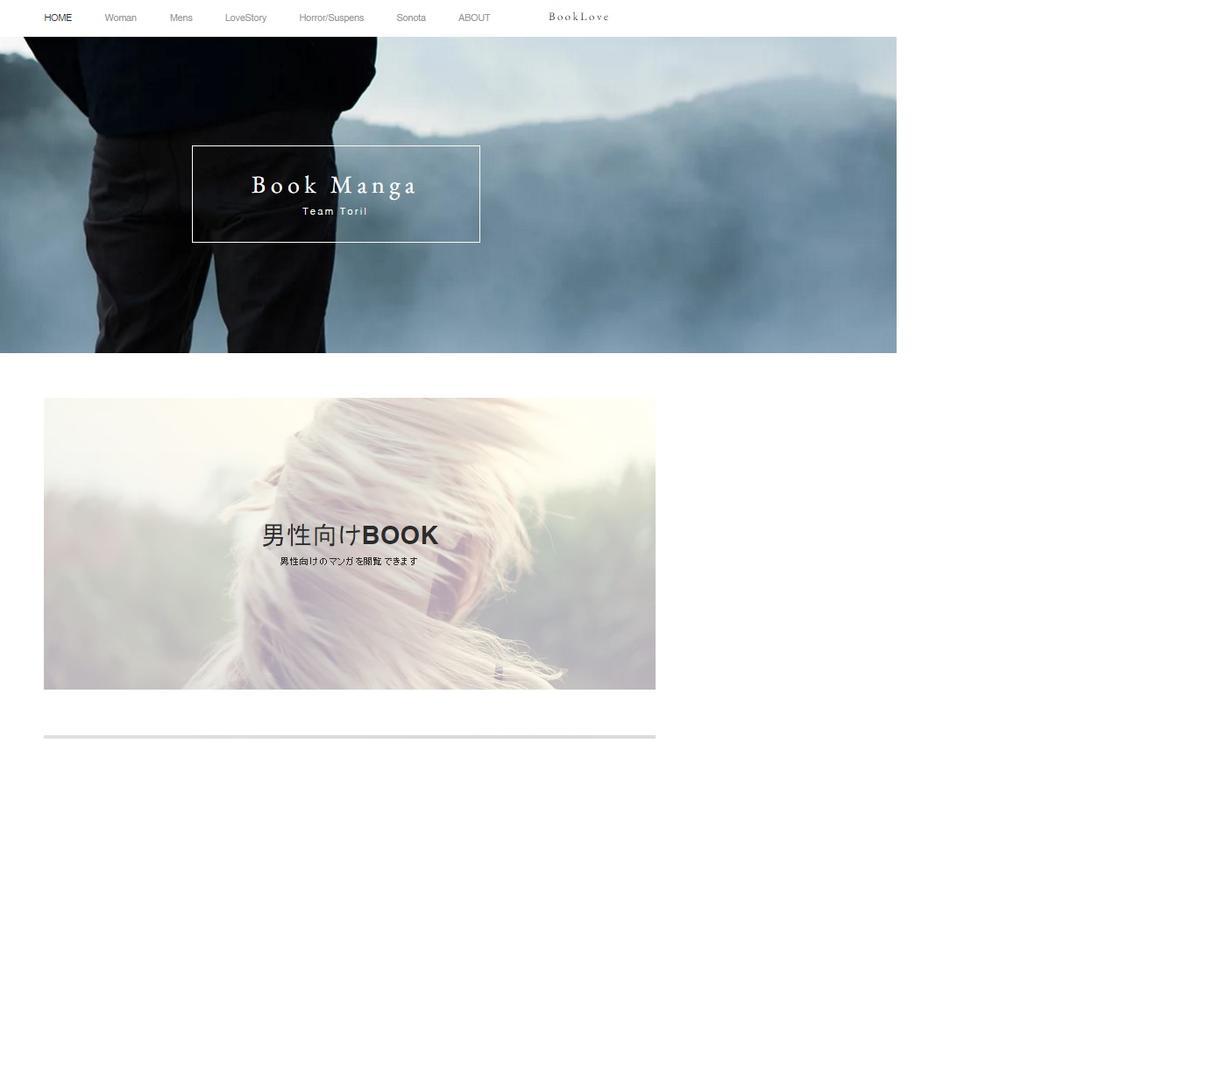 希望通りの素敵なホームページを作成します 【期間限定割引中】あなたのスタートを全力でサポートします。